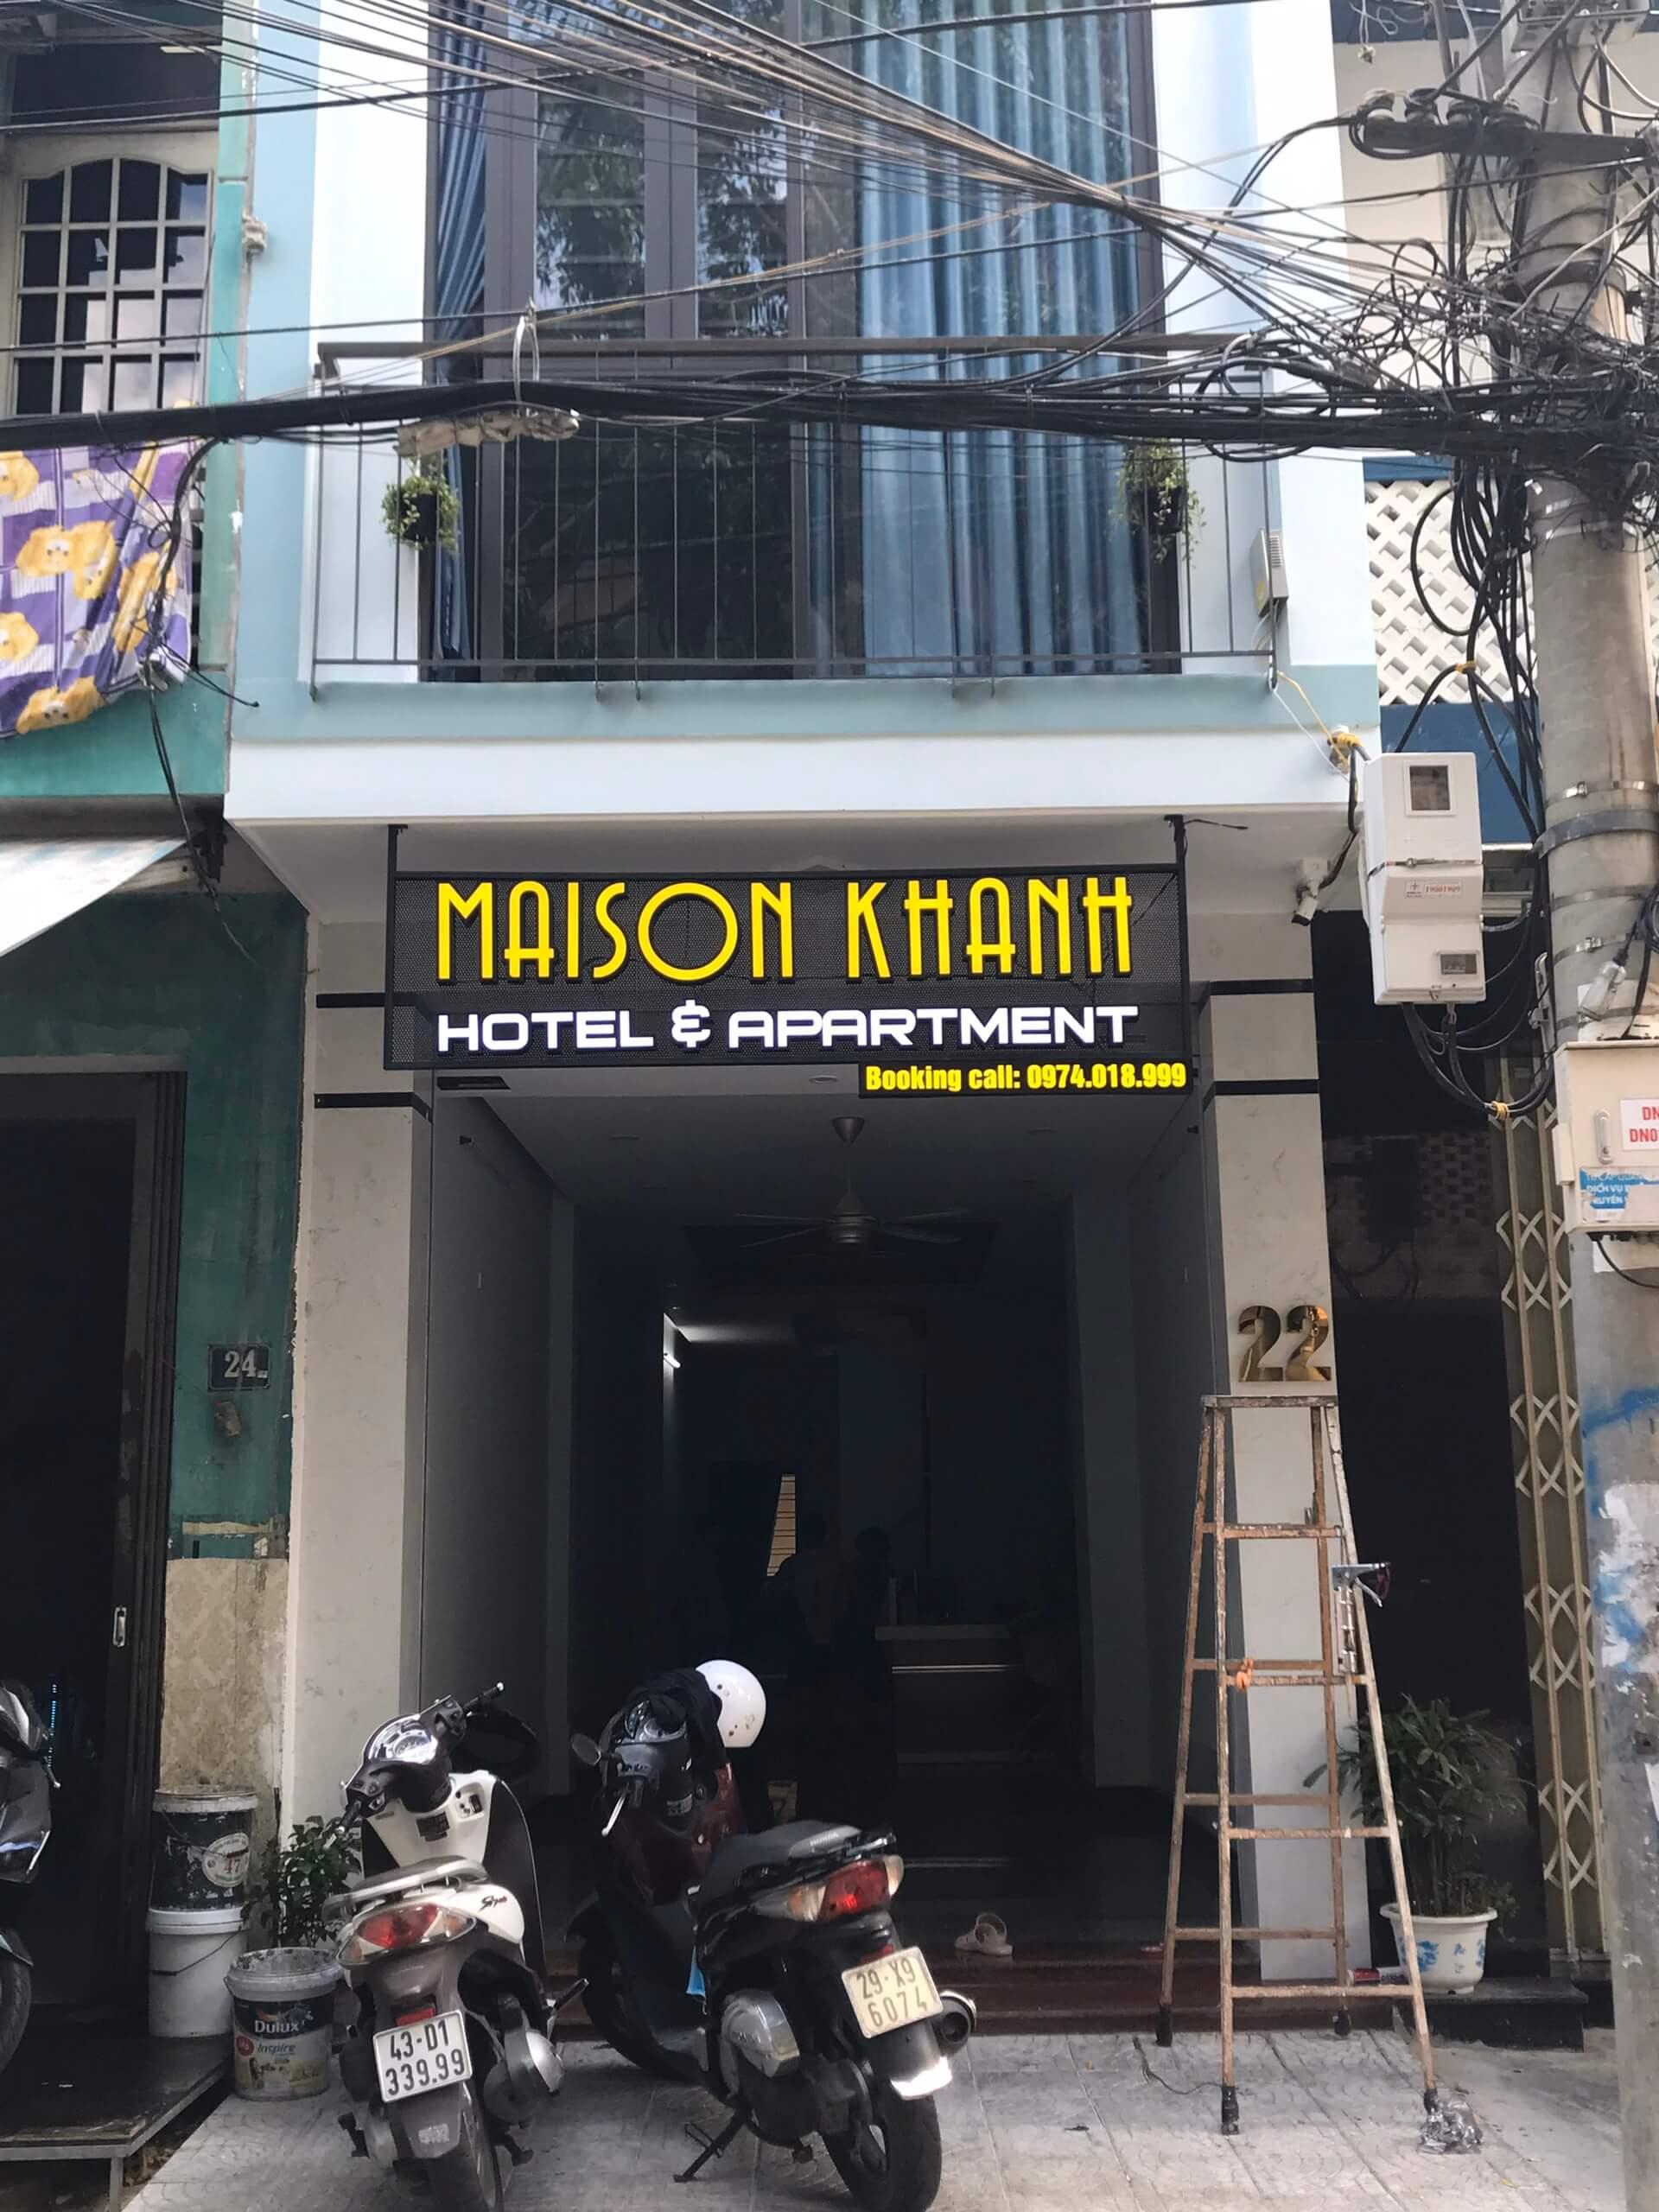 Thi công bảng hiệu trong nhà và ngoài trời khách sạn MAISON KHANH 3